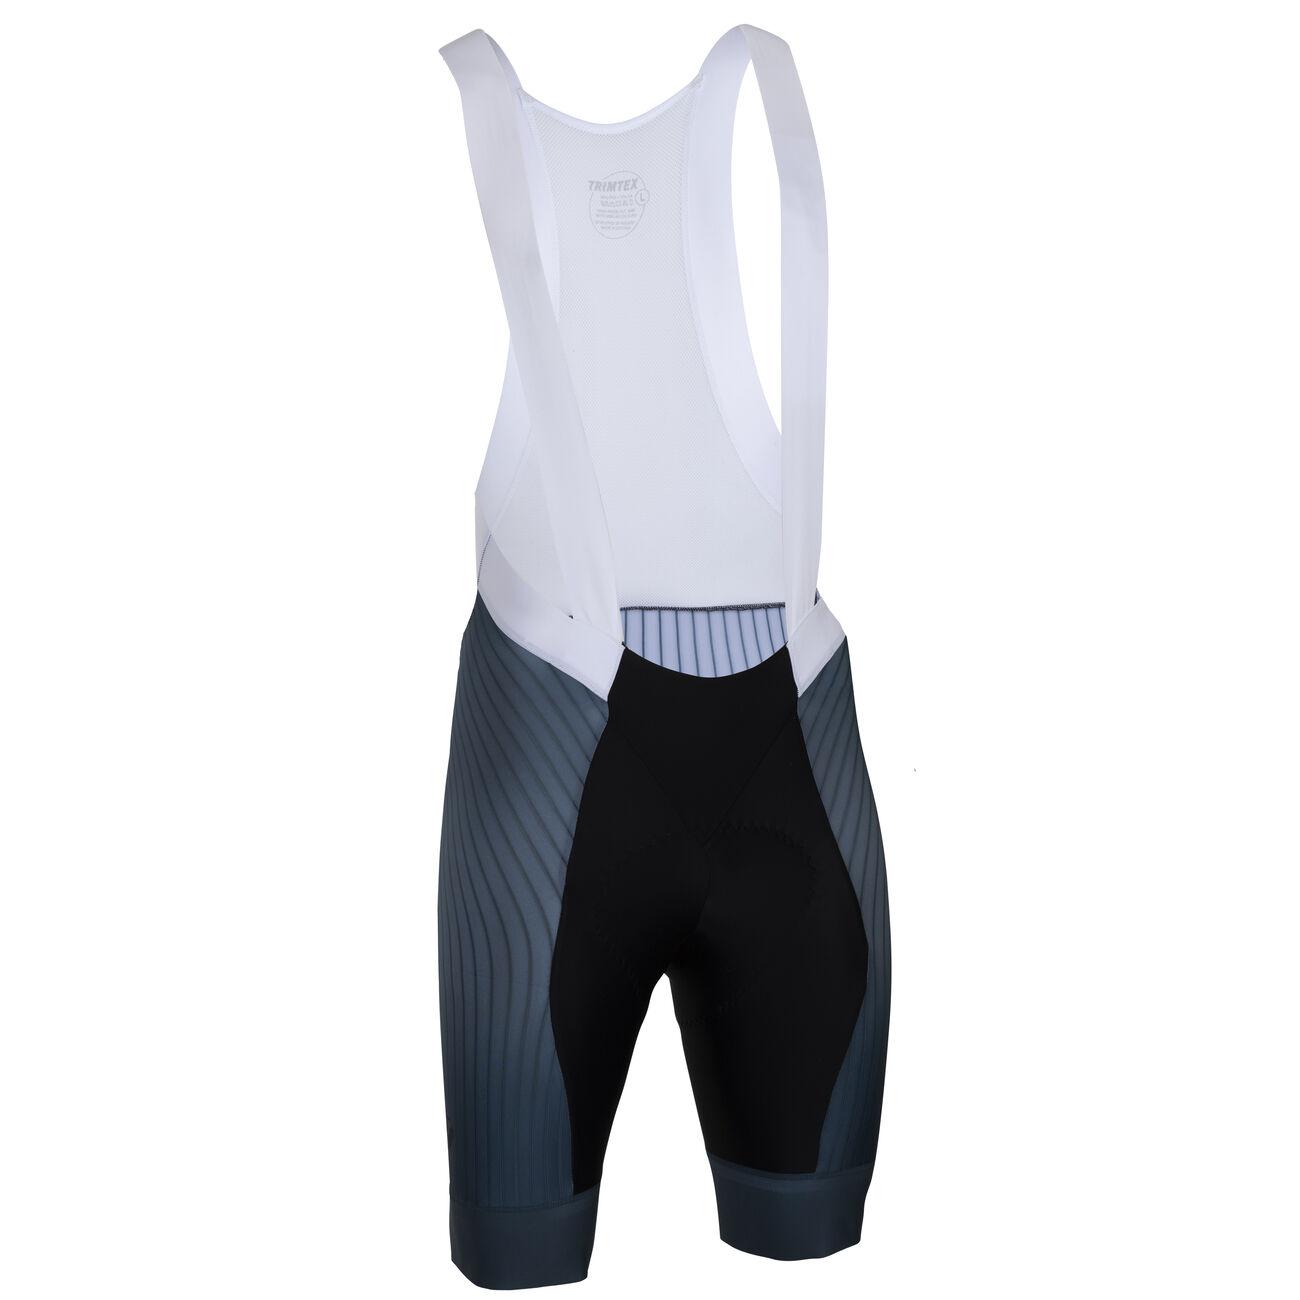 Aero 2.0 cycling bib shorts men's